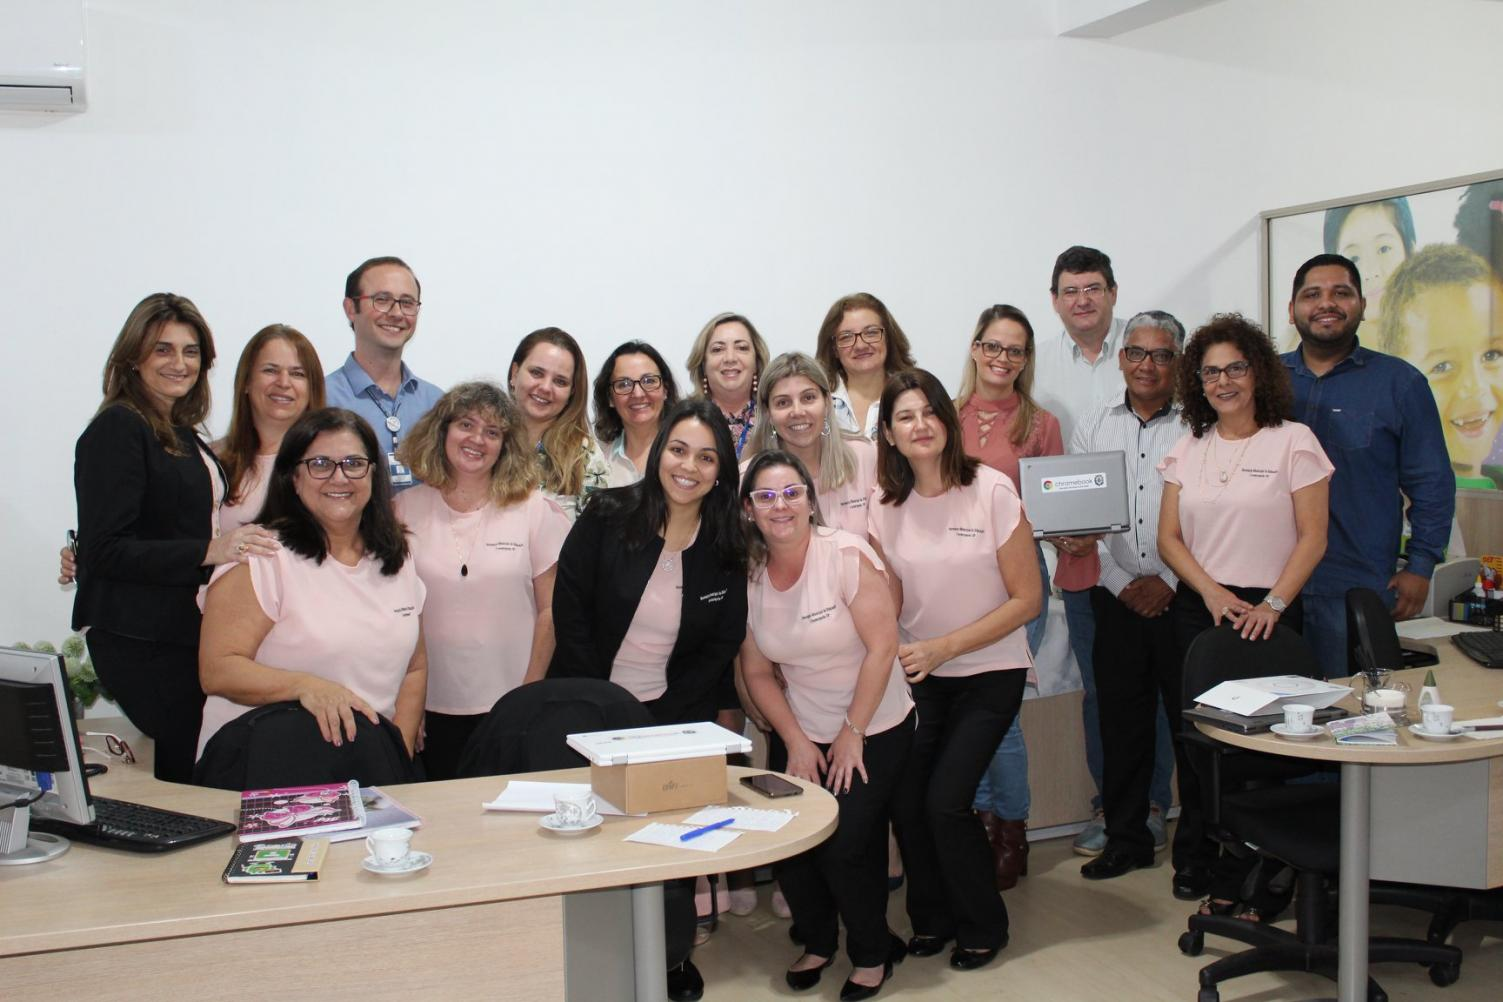 Prefeitura recebe equipe da Secretaria de Educação de Jundiaí e apresenta o projeto Google for Education